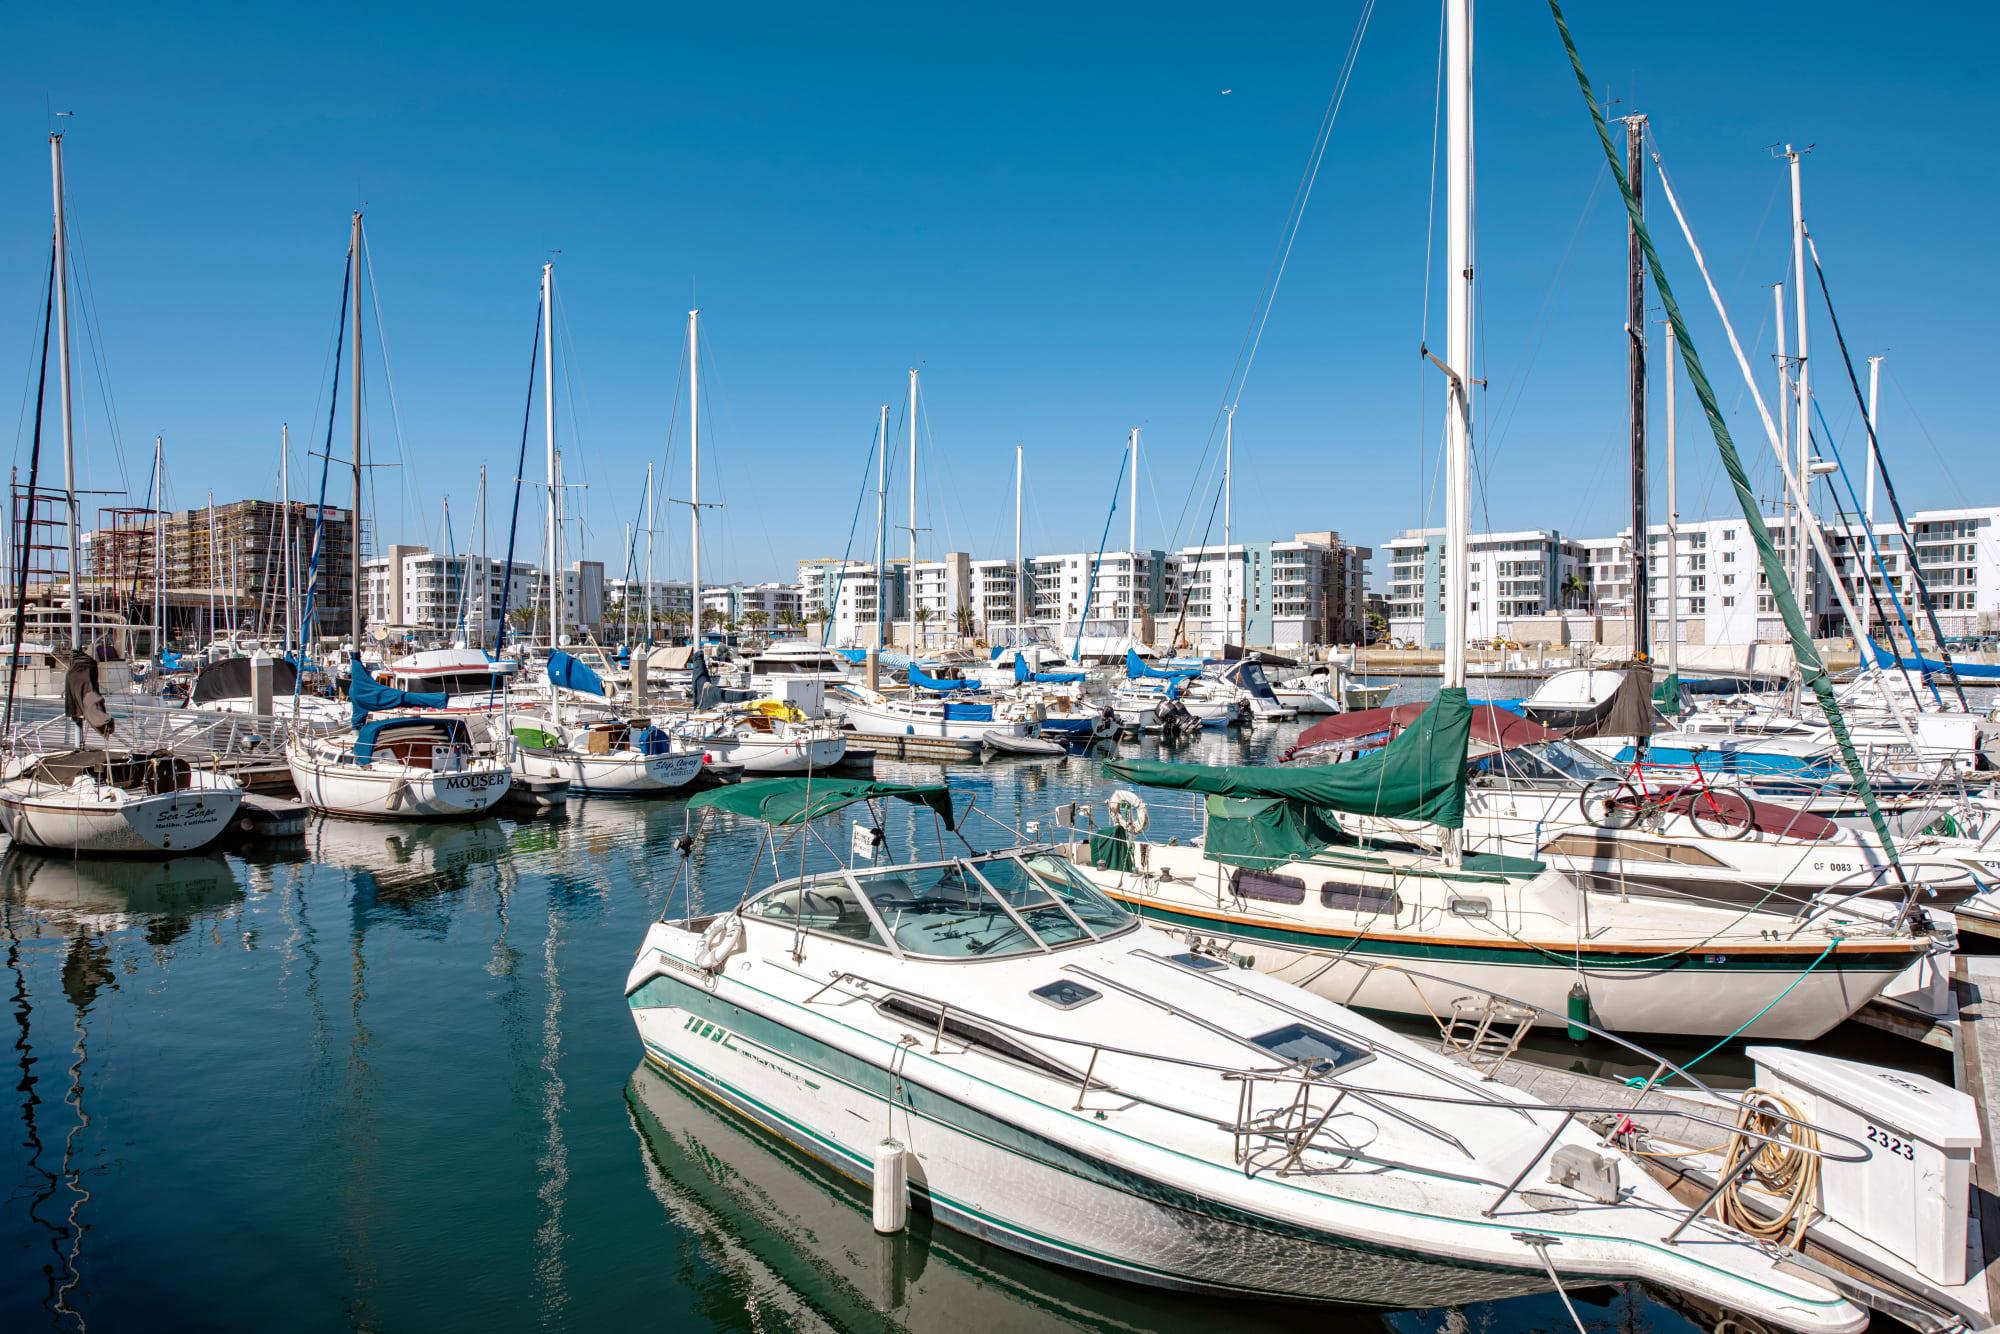 Harborside Marina Bay Apartments in Marina del Rey, California, offers access to the marina